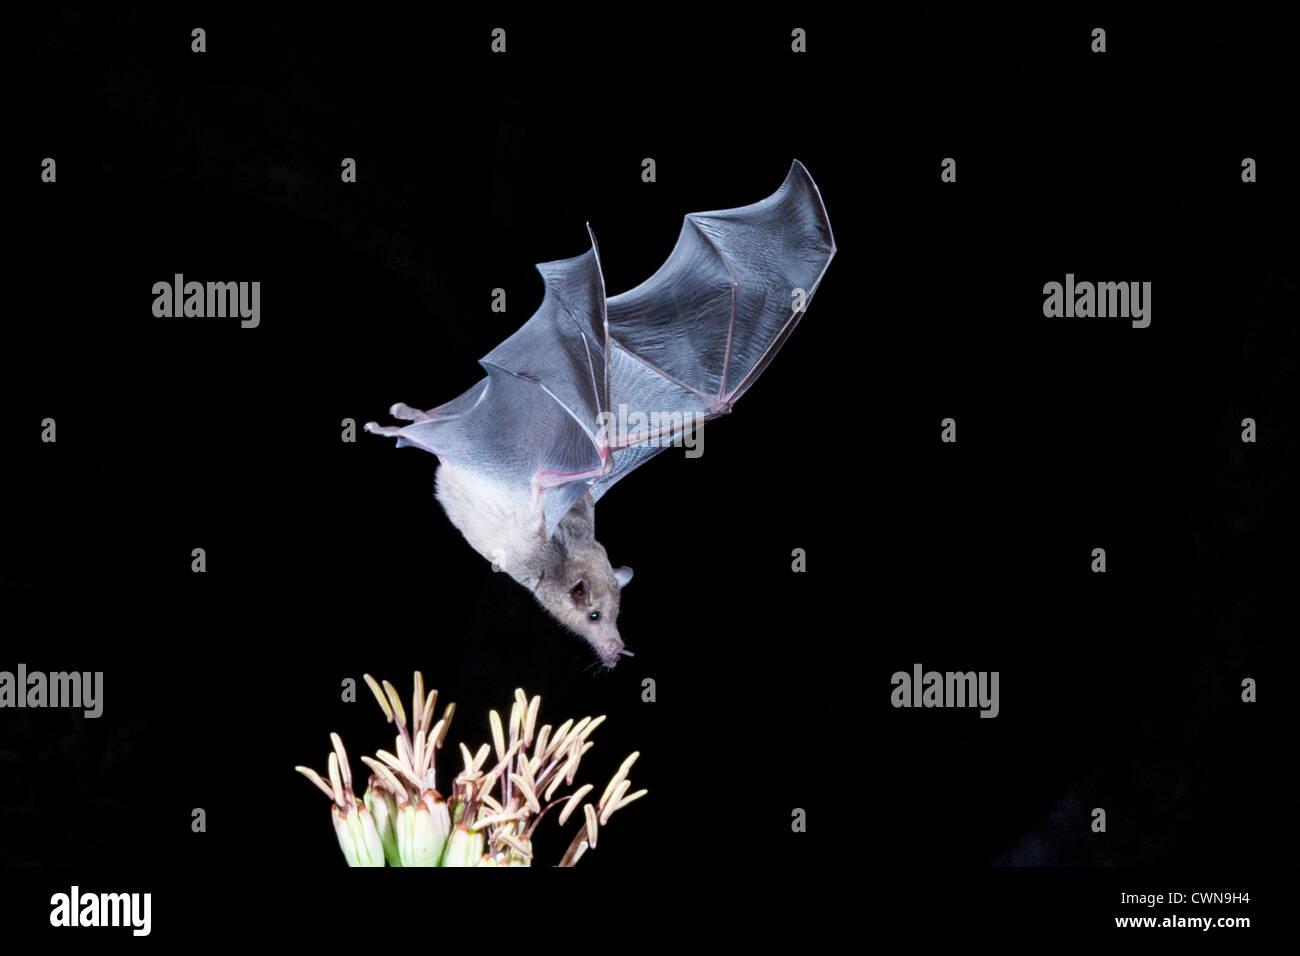 Murciélago de la alimentación del néctar, el murciélago de nariz larga en peligro de extinción, Leptonycteris yerbabuenae, alimentándose en néctar por la noche, en Arizona. Foto de stock